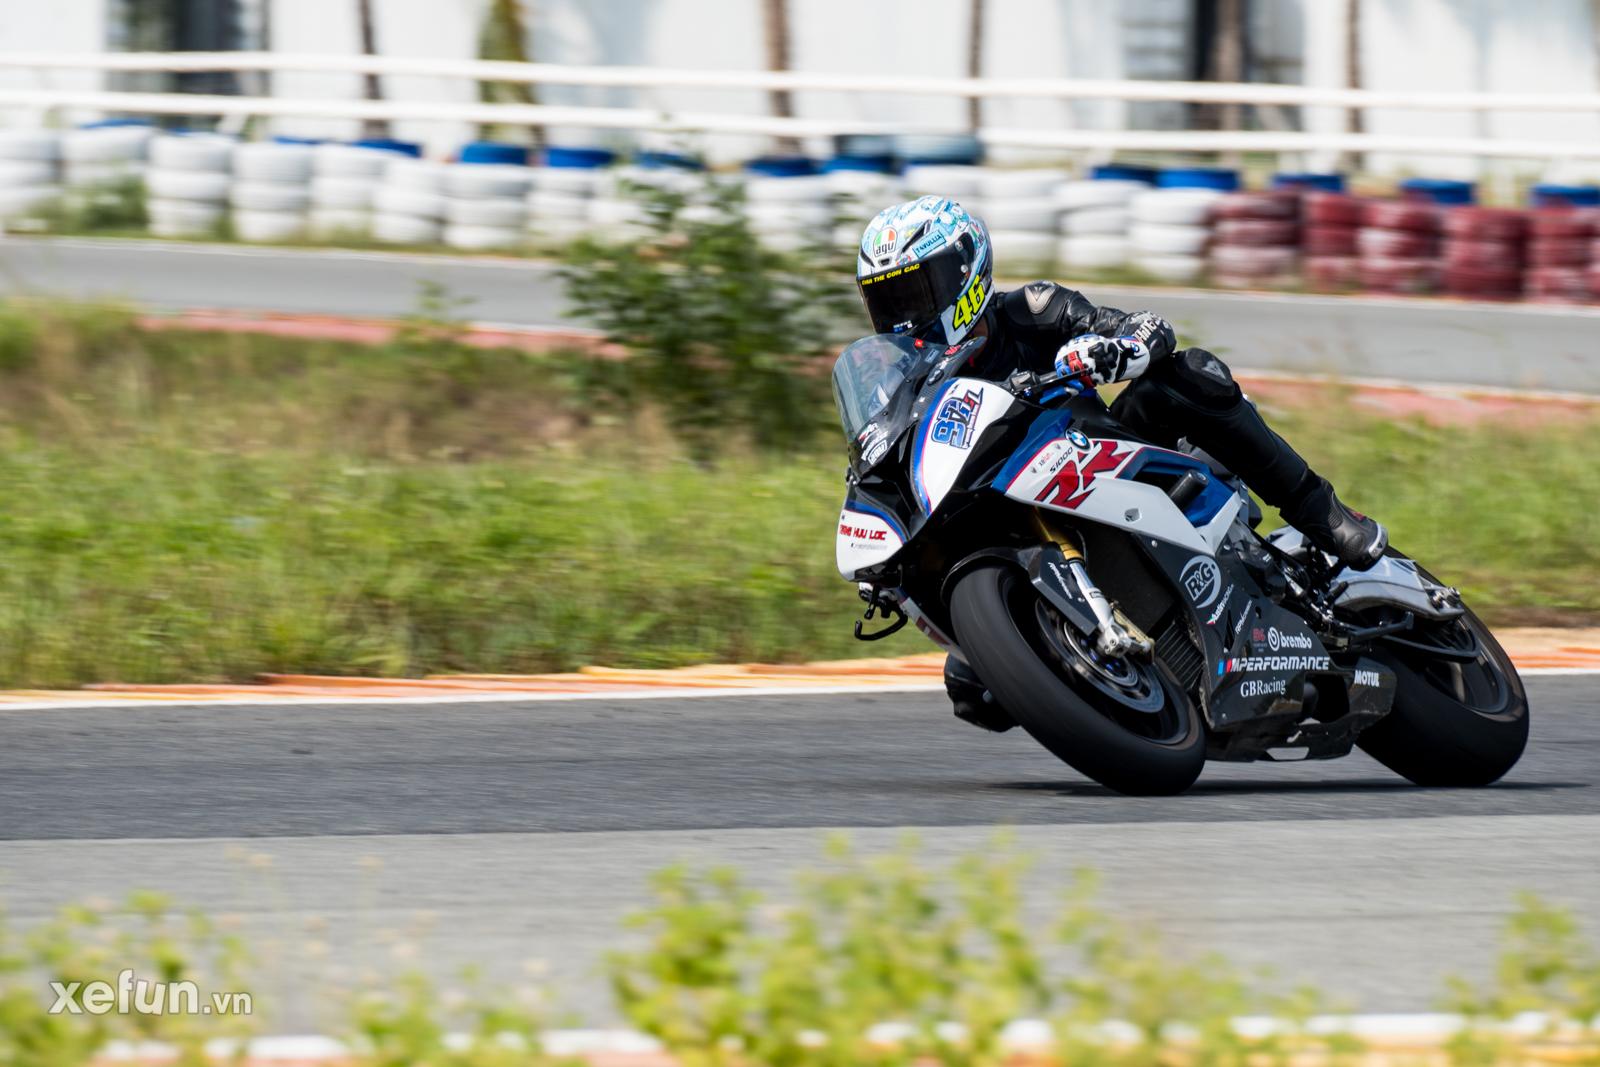 Các tay đua nài xe phân khối lớn PKL BMW S1000RR Ducati Monster Kawasaki Ninja ZX10R tại Trường đua Đại Nam trên Xefun (1)qe23tr4